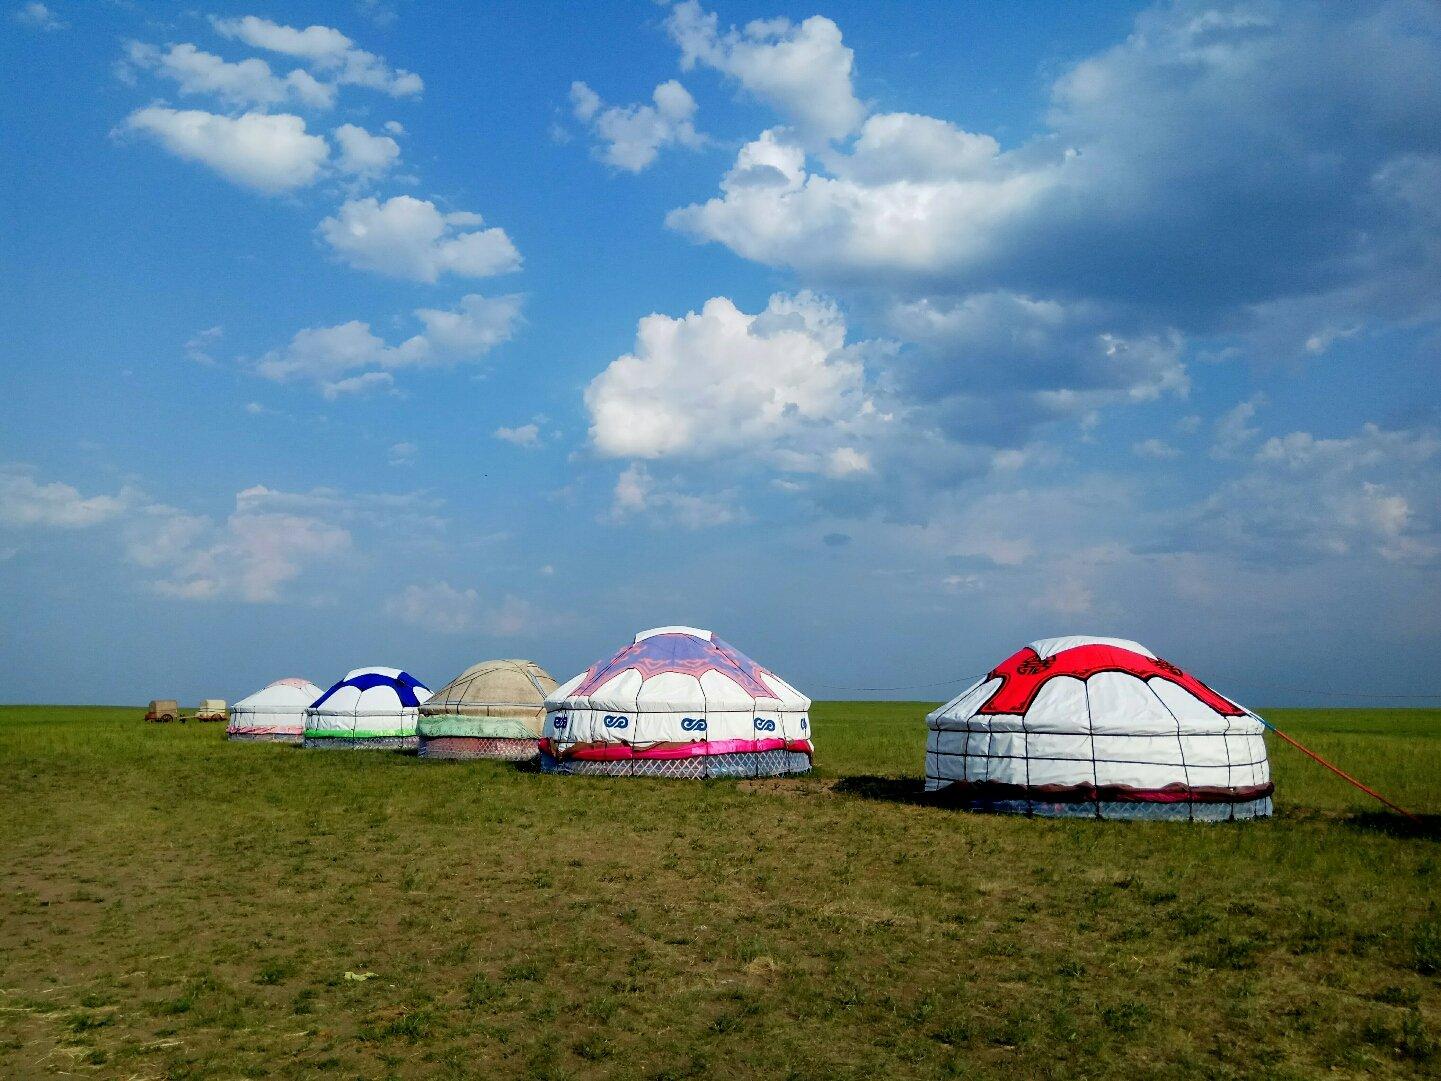 内蒙古自治区锡林郭勒盟东乌珠穆沁旗建设路靠近乌拉盖管理区管委会